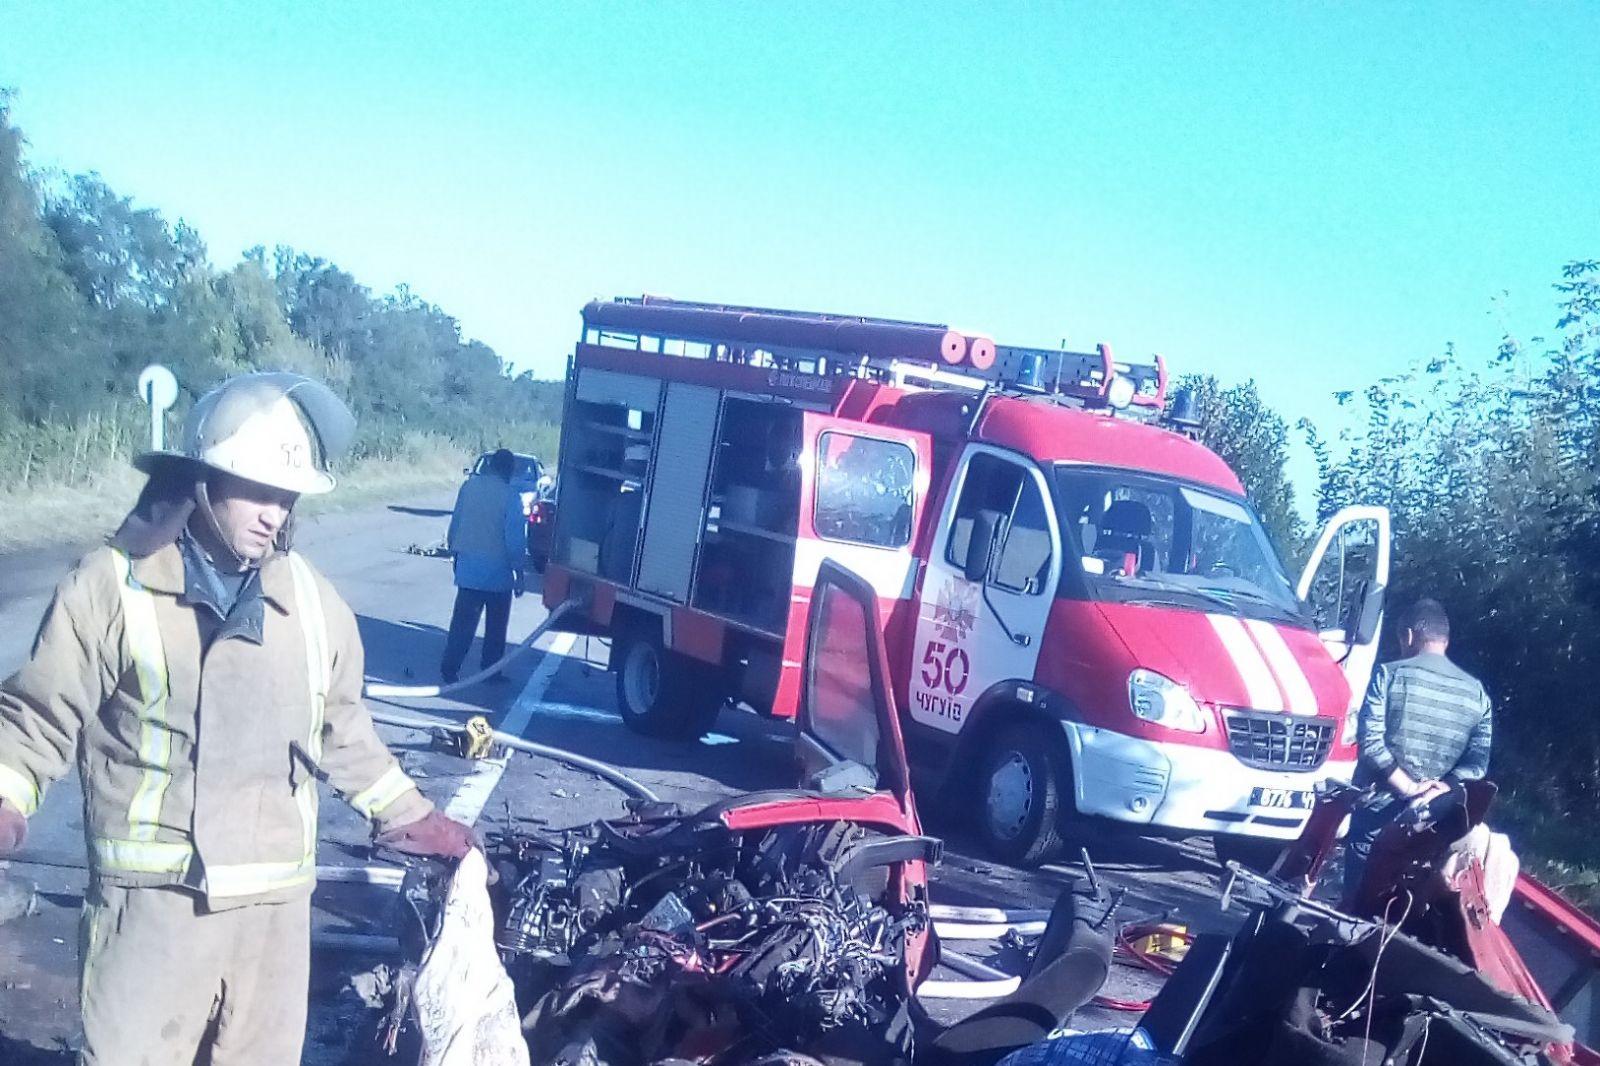 ВХарьковской области авто столкнулось срейсовым автобусом: погибли два человека